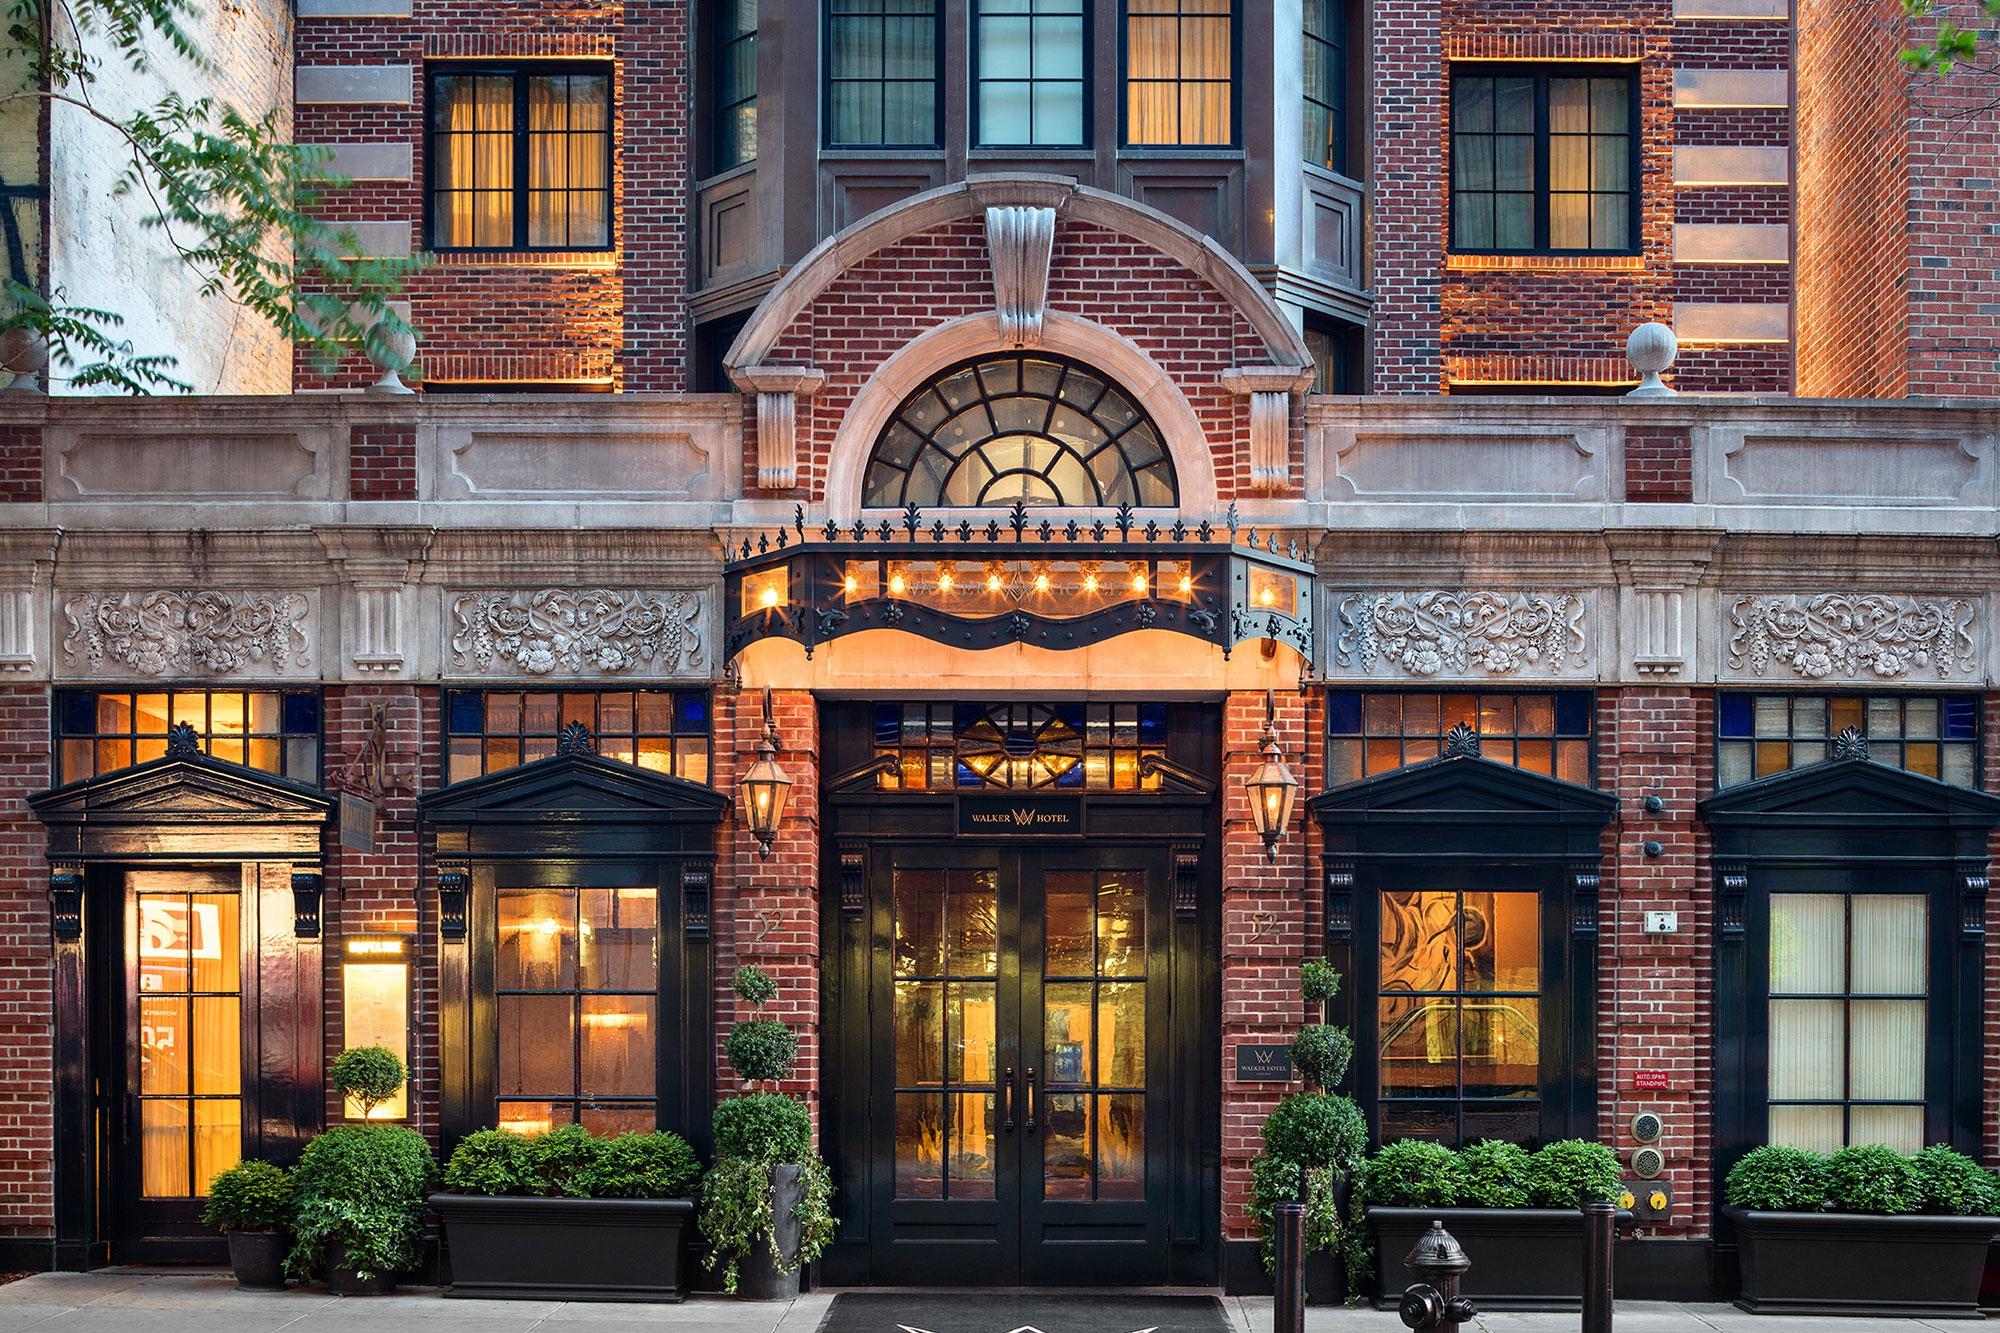 The Walker Hotel